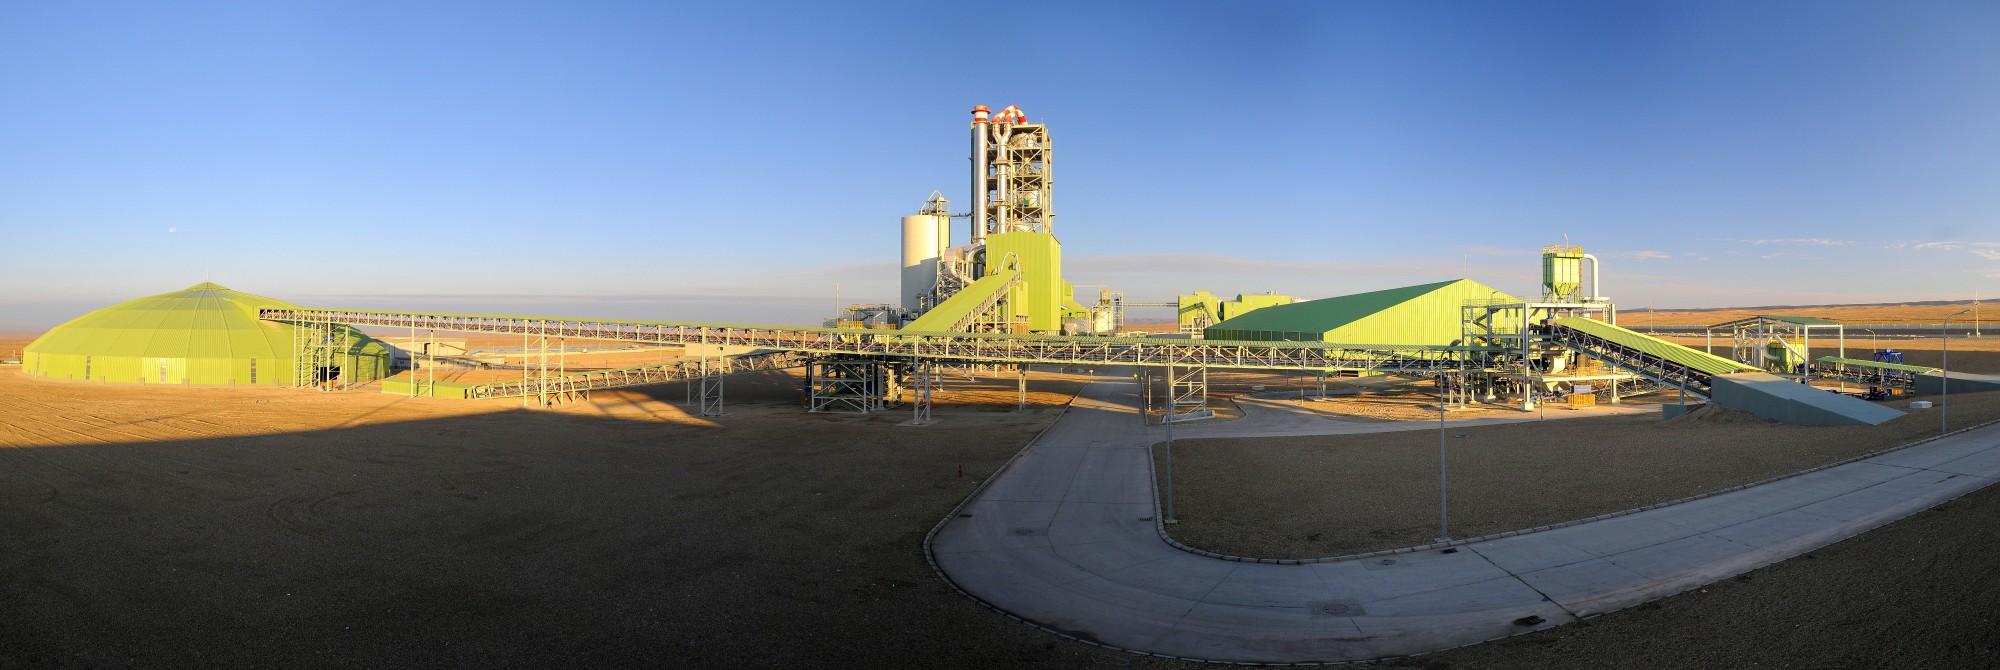 fábricas de cimento